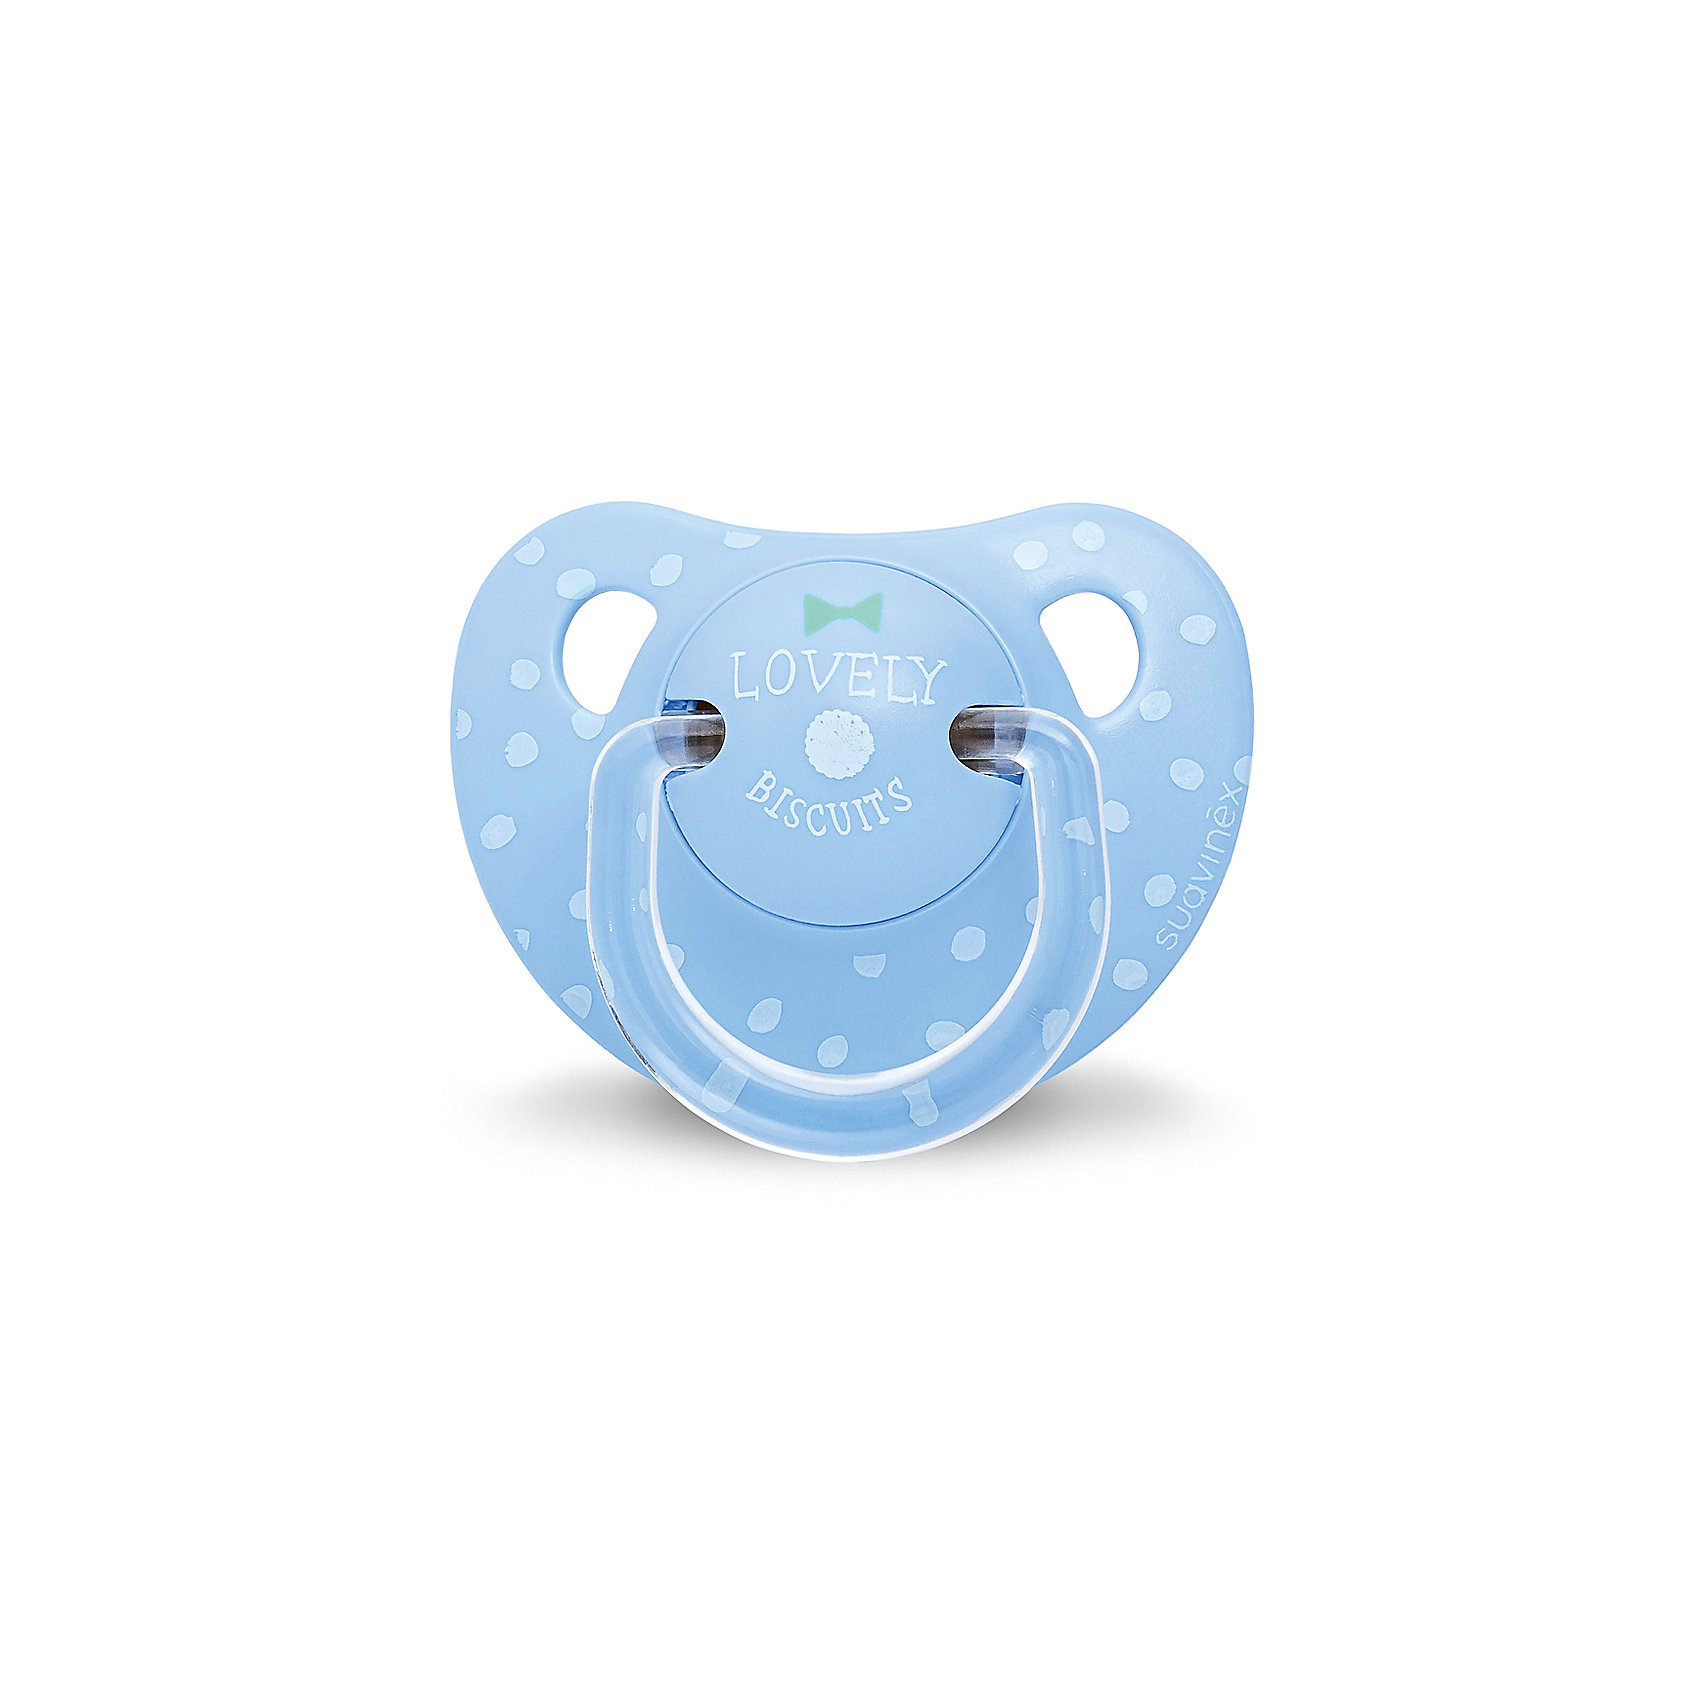 Пустышка силиконовая, от 6 мес, Suavinex, синий крапинкаПустышки и аксессуары<br>Характеристики:<br><br>• Наименование: пустышка<br>• Рекомендуемый возраст: от 6 месяцев<br>• Пол: для мальчика<br>• Материал: силикон, пластик<br>• Цвет: синий, голубой<br>• Рисунок: горошинки<br>• Форма: анатомическая<br>• Наличие вентиляционных отверстий <br>• Кольцо для держателя<br>• Вес: 27 г<br>• Параметры (Д*Ш*В): 5,4*6,5*10,9 см <br>• Особенности ухода: можно мыть в теплой воде, регулярная стерилизация <br><br>Пустышка силиконовая от 6 мес, Suavinex, синий крапинка изготовлена испанским торговым брендом, специализирующимся на выпуске товаров для кормления и аксессуаров новорожденным и младенцам. Продукция от Suavinex разработана с учетом рекомендаций педиатров и стоматологов, что гарантирует качество и безопасность использованных материалов. <br><br>Пластик, из которого изготовлено изделие, устойчив к появлению царапин и сколов, благодаря чему пустышка длительное время сохраняет свои гигиенические свойства. Форма у соски способствует равномерному распределению давления на небо, что обеспечивает правильное формирование речевого аппарата. <br><br>Пустышка имеет анатомическую форму, для прикрепления держателя предусмотрено кольцо. Изделие выполнено в брендовом дизайне, с изображением горошинок. Рисунок нанесен по инновационной технологии, которая обеспечивает его стойкость даже при длительном использовании и частой стерилизации.<br><br>Пустышку силиконовая от 6 мес, Suavinex, синий крапинка можно купить в нашем интернет-магазине.<br><br>Ширина мм: 54<br>Глубина мм: 65<br>Высота мм: 109<br>Вес г: 27<br>Возраст от месяцев: 6<br>Возраст до месяцев: 24<br>Пол: Мужской<br>Возраст: Детский<br>SKU: 5451360